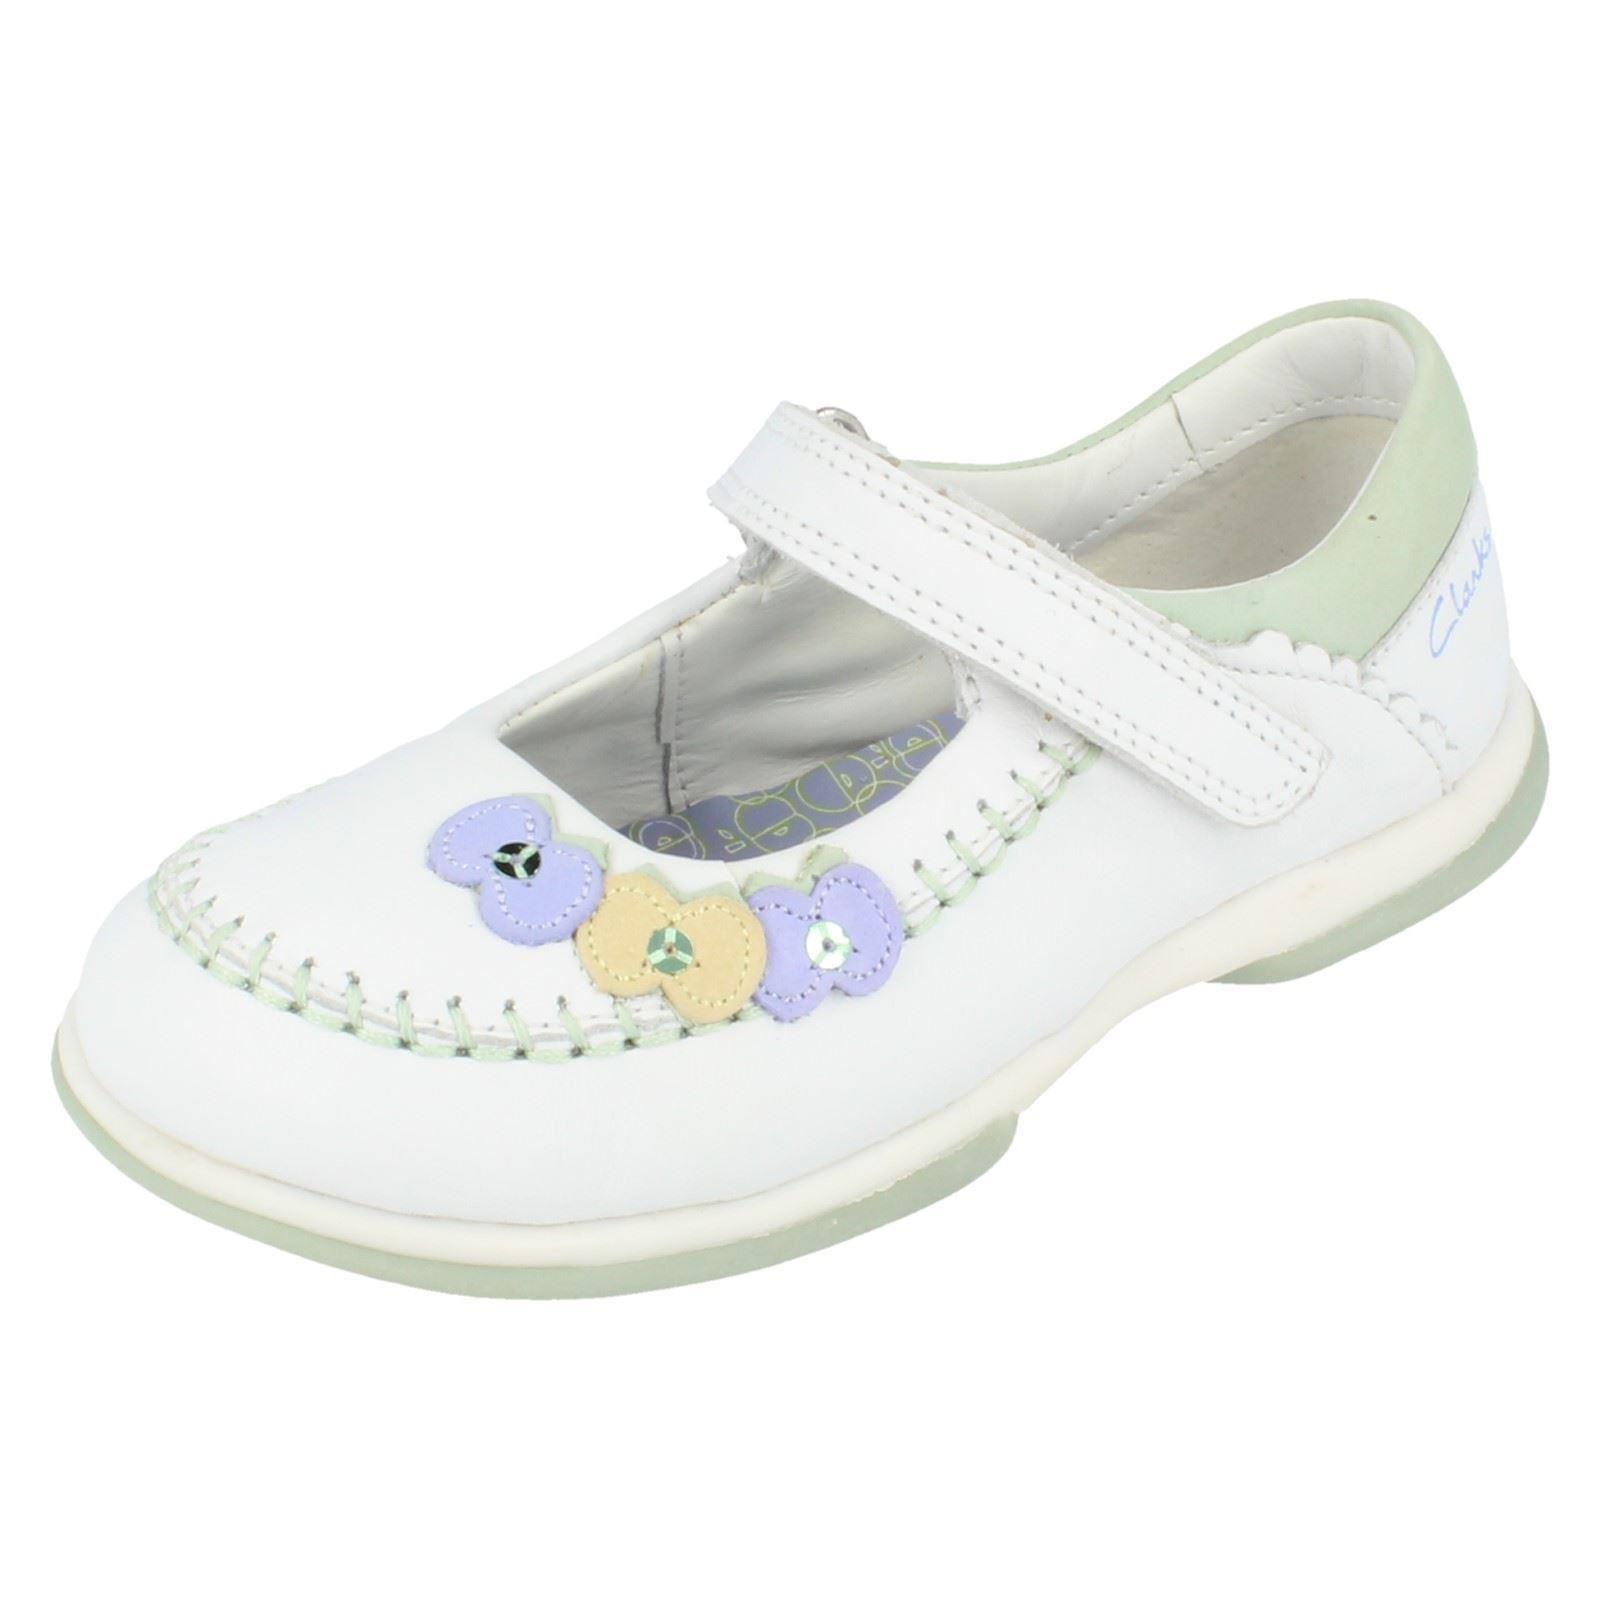 Zapatos Jane shine' blanco 'apple Clarks Niñas Mary a4OttU